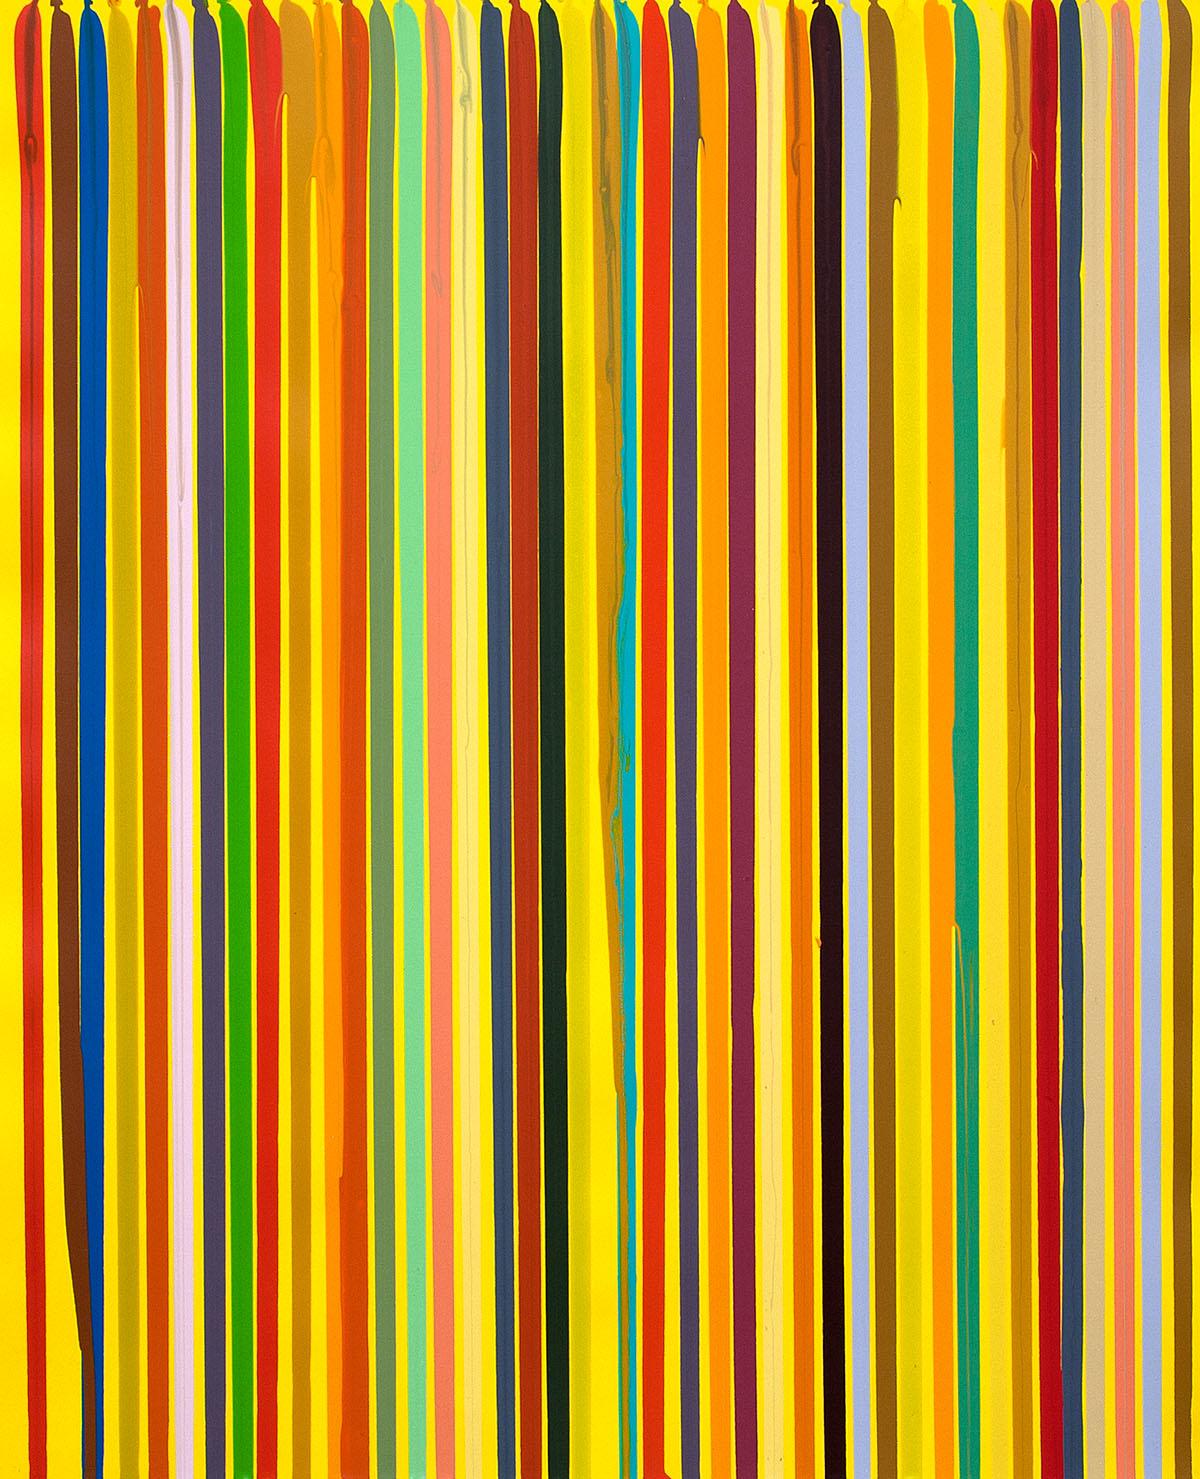 Ian Davenport, Summer, aus der Serie Four Seasons, 2020, Radierung, 115 x 113, Ed. von 30